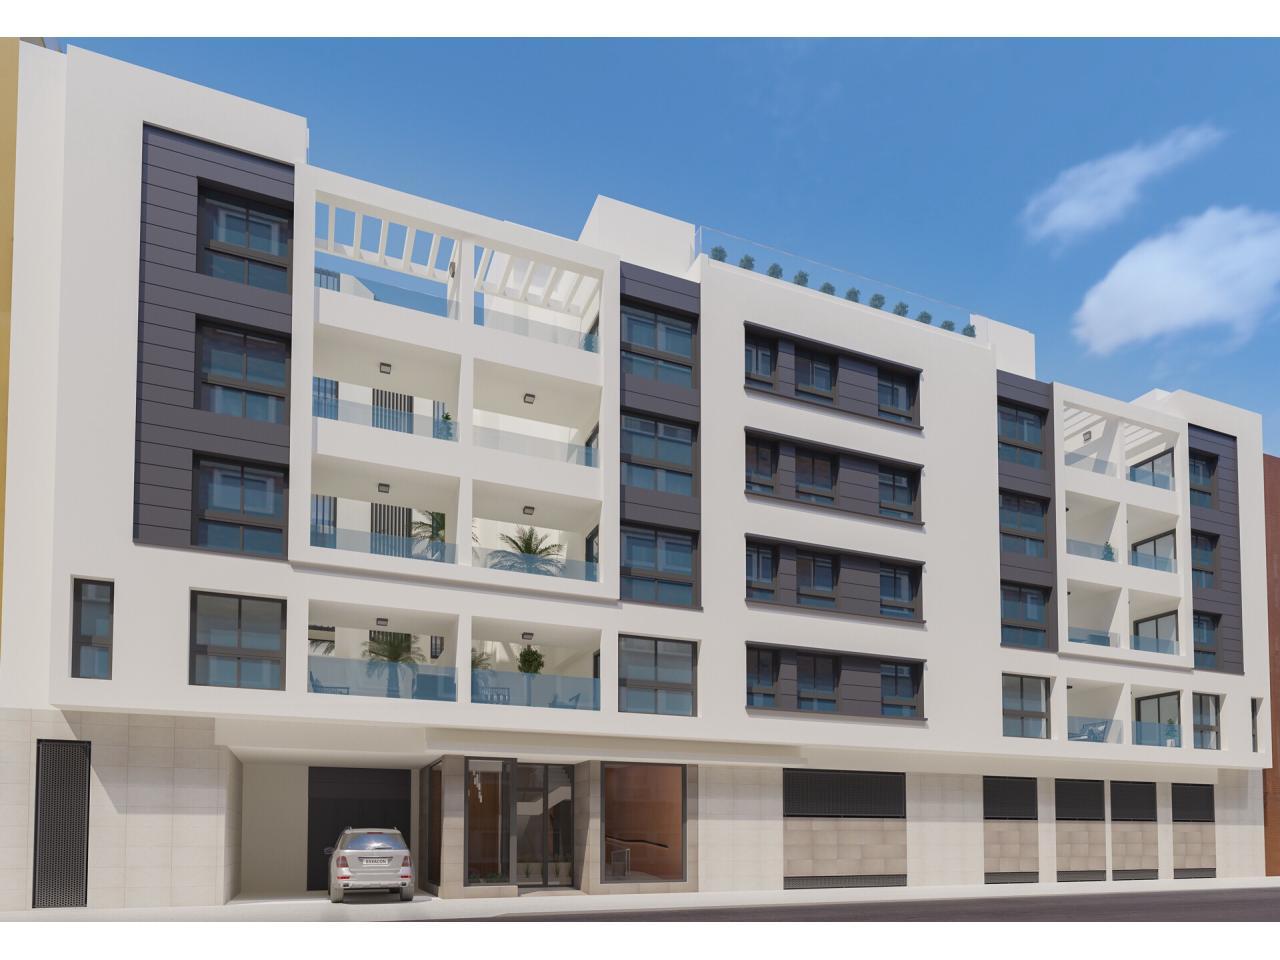 Dhs inmobiliaria piso de nueva construcci n en venta en ensanche centro puerto 29002 por 292 - Pisos de nueva construccion ...